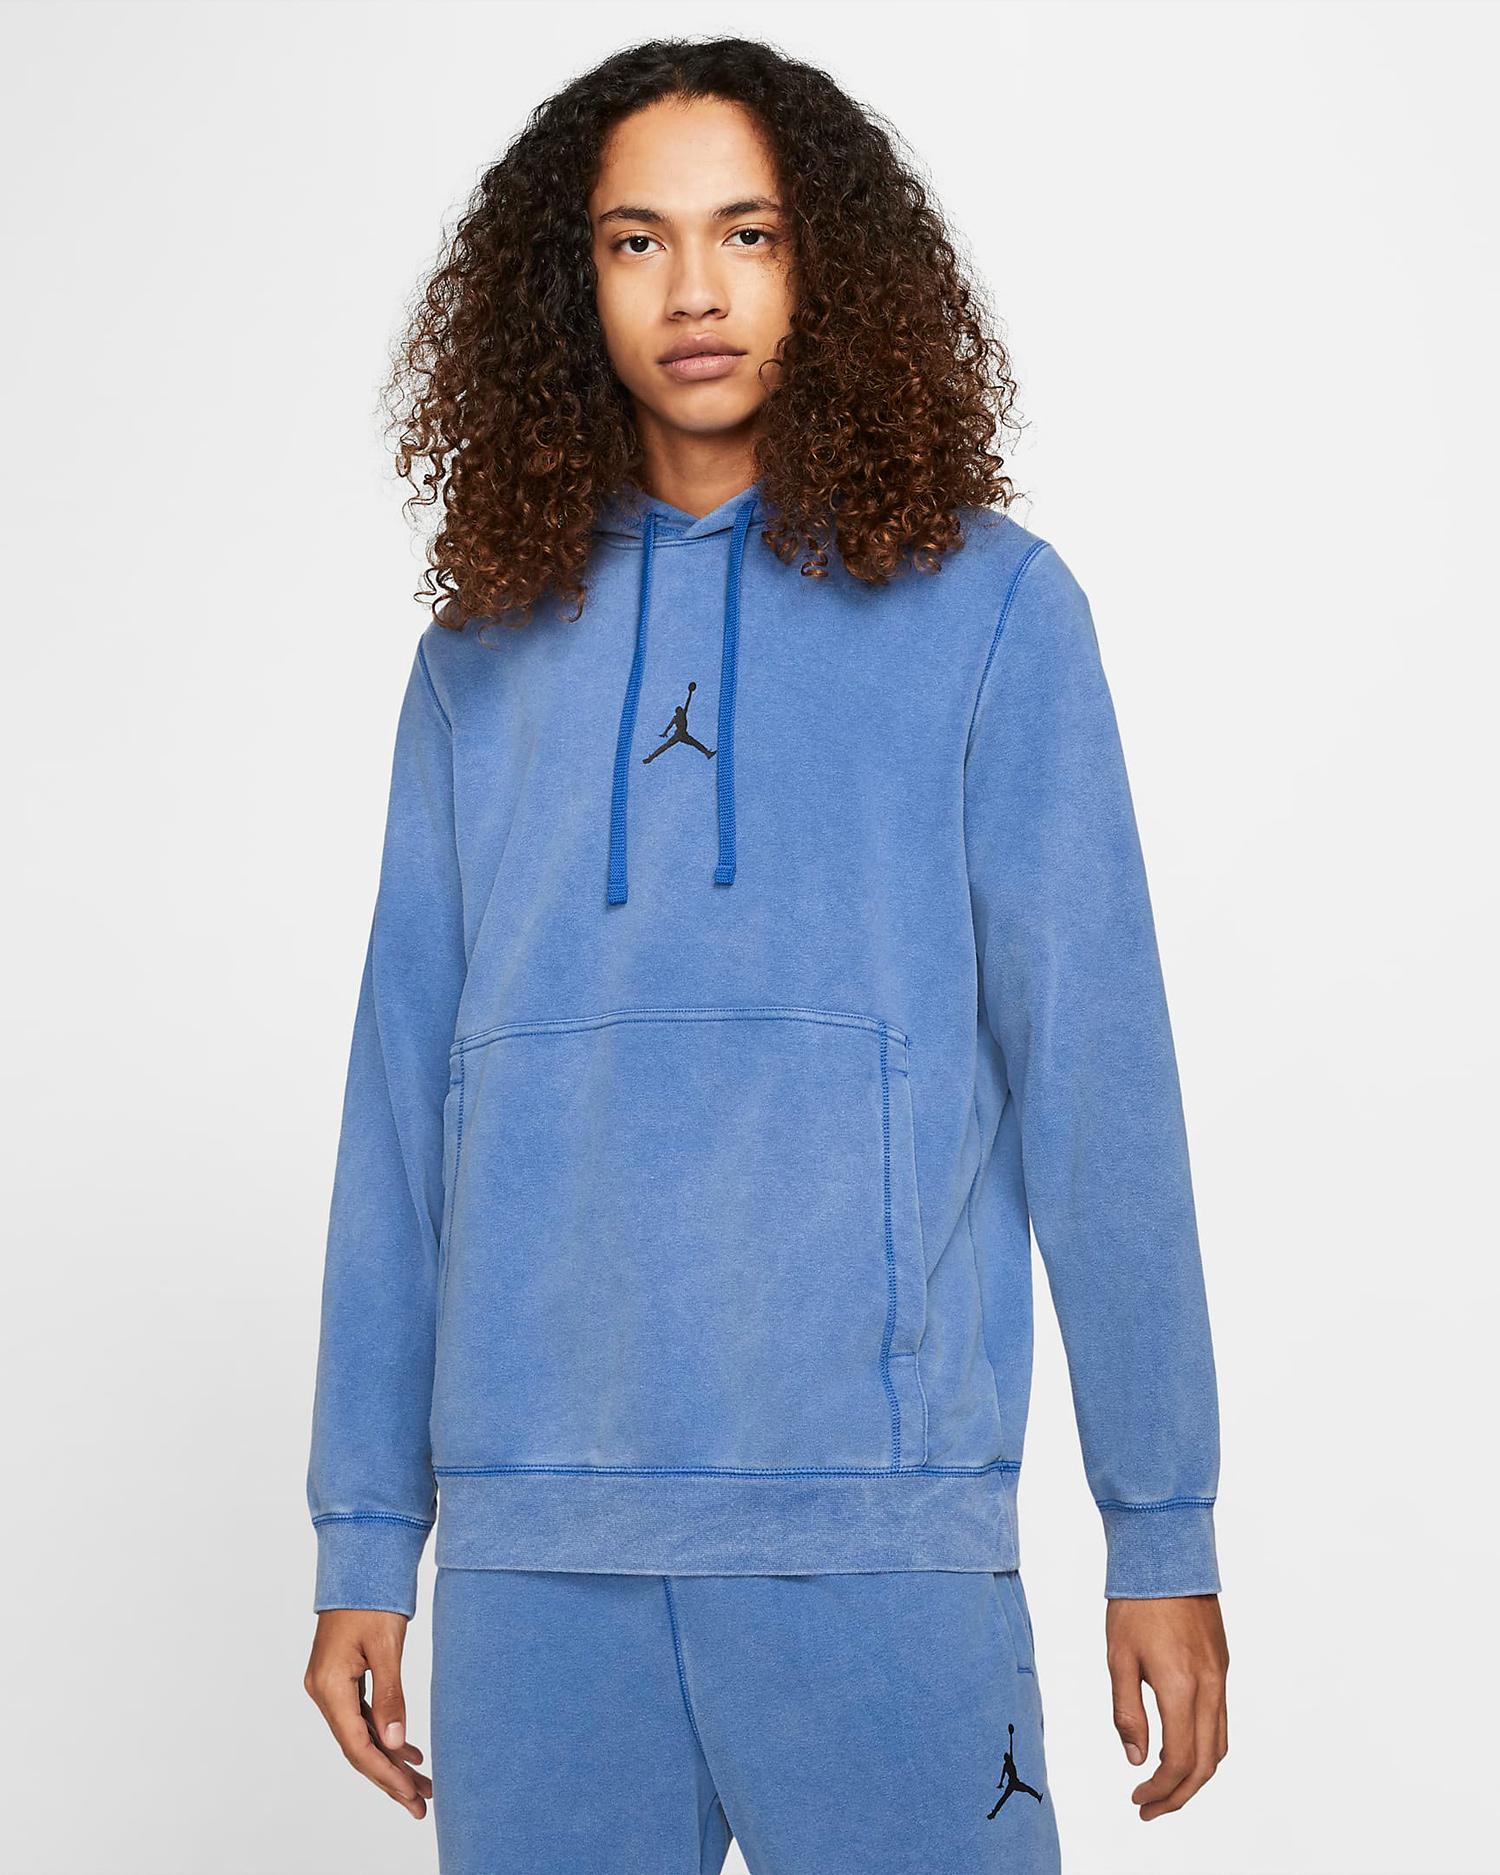 jordan-hyper-royal-dri-fit-air-hoodie-1